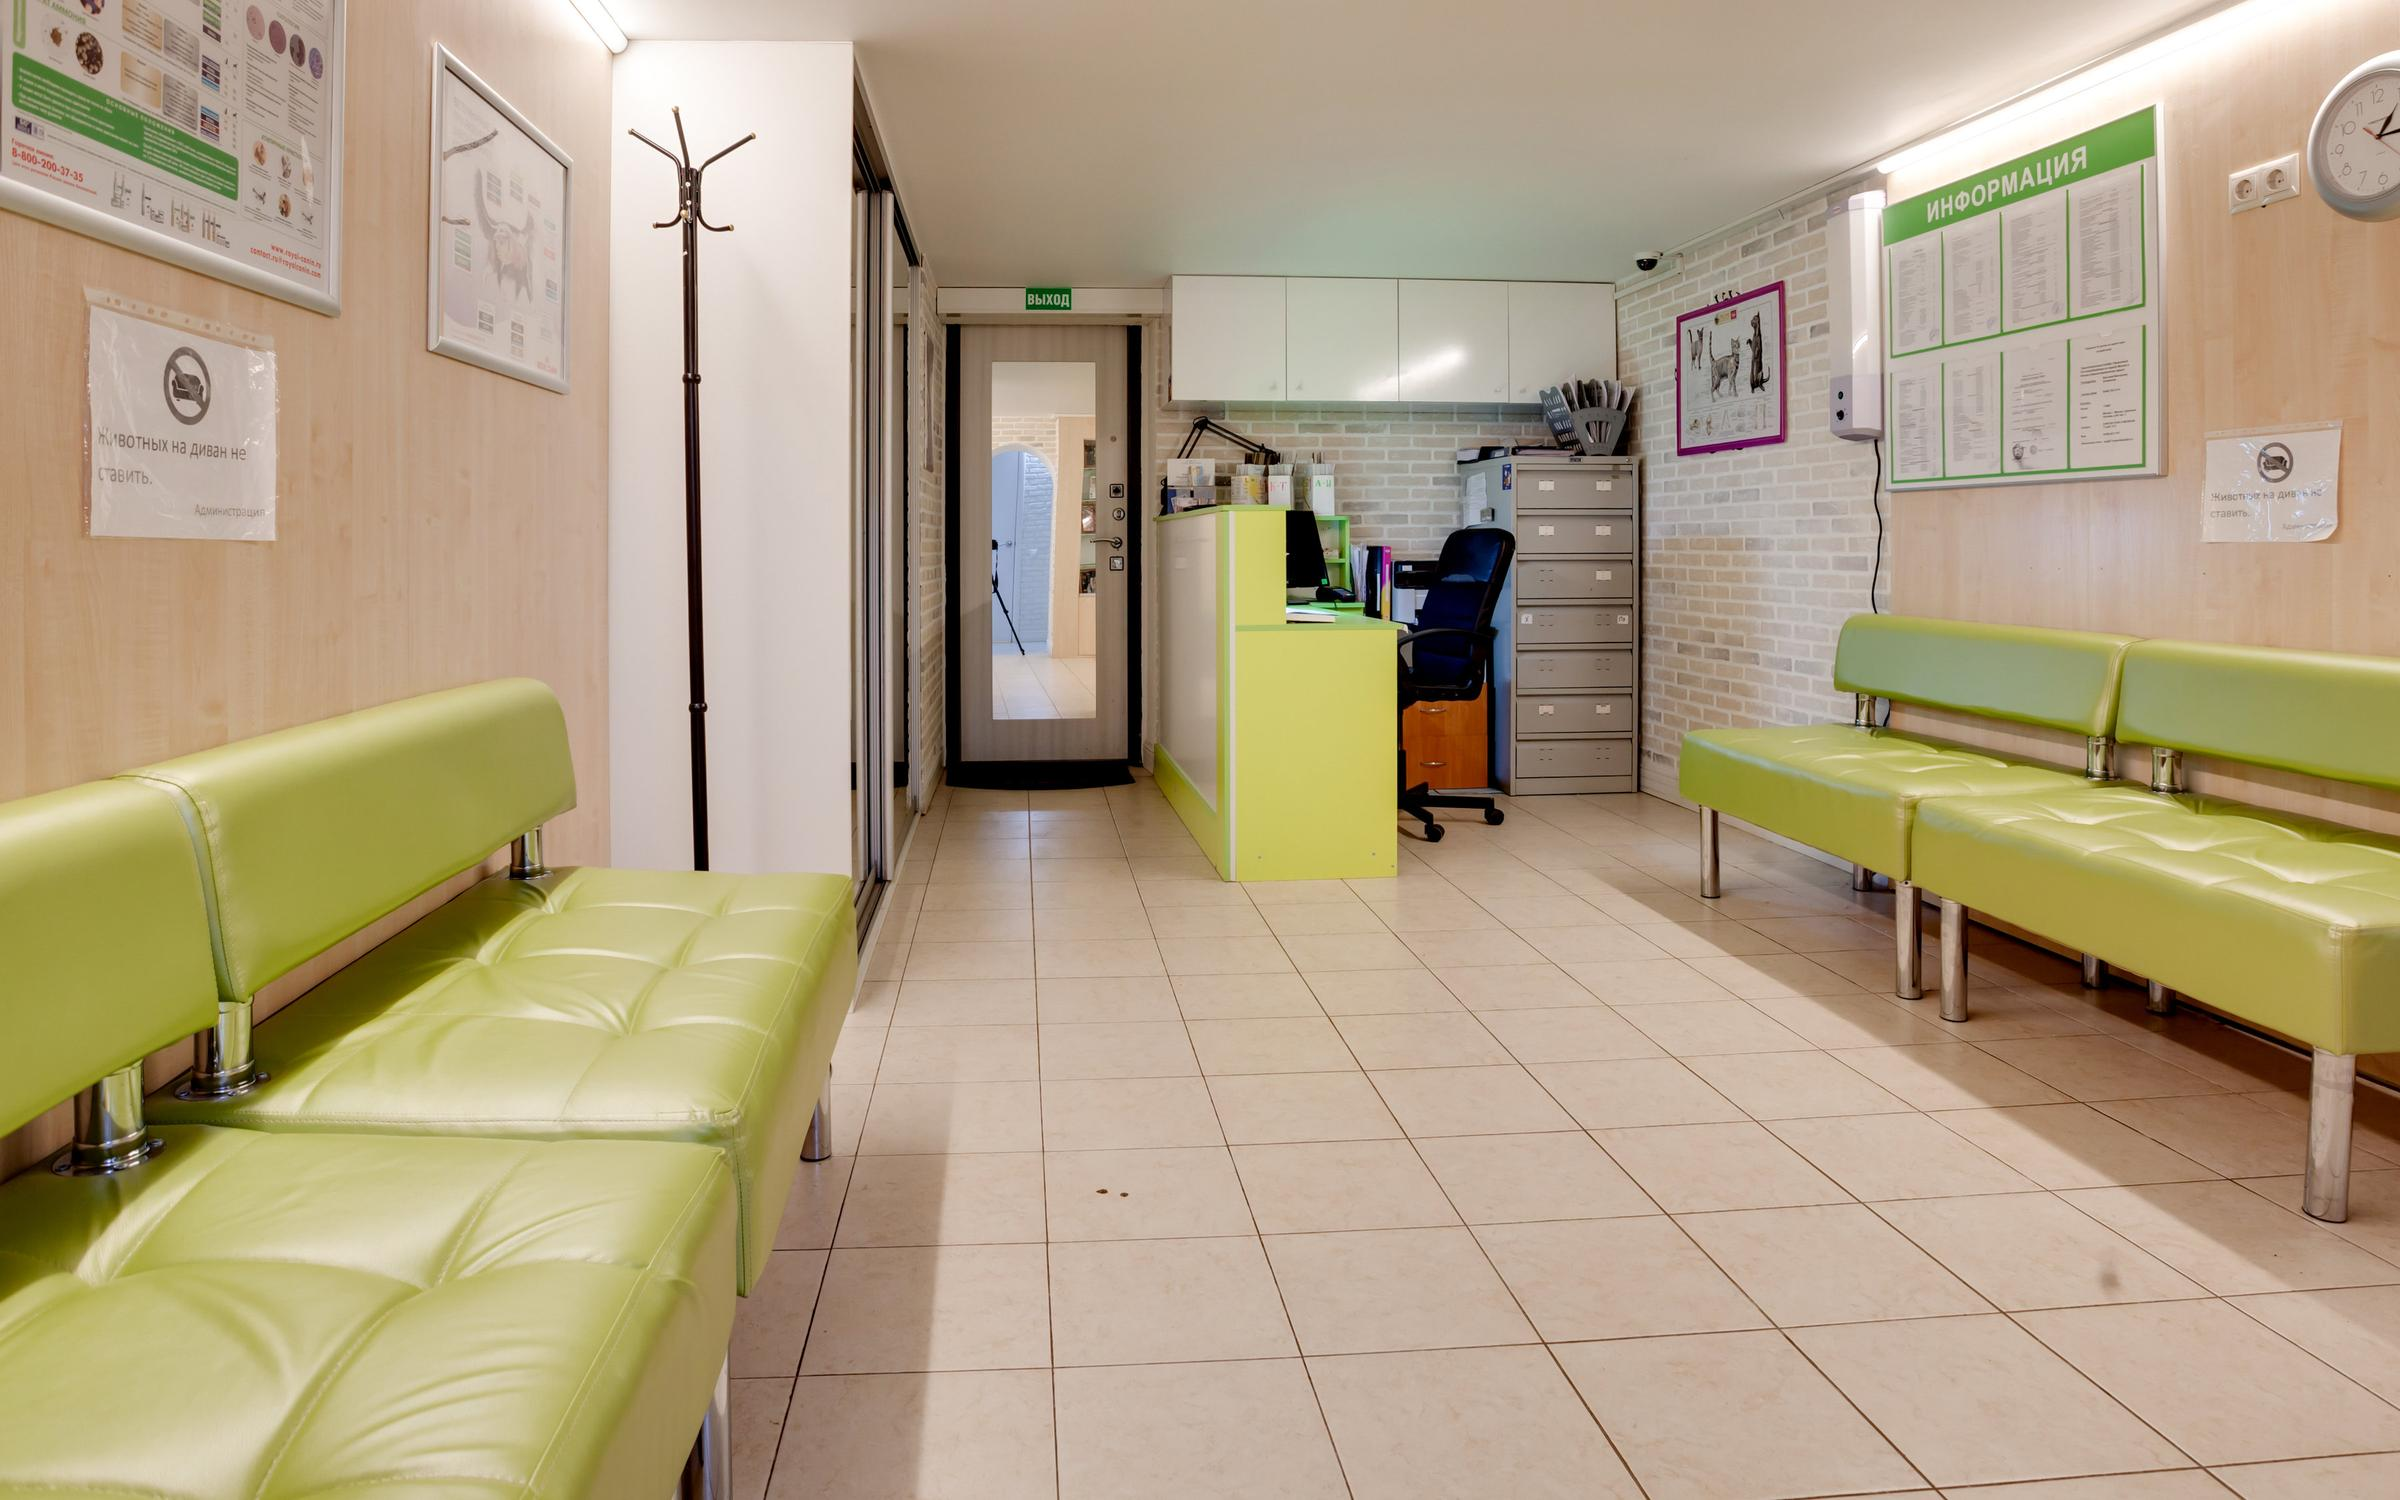 фотография Ветеринарной клиники Био-Вет на метро Шипиловская